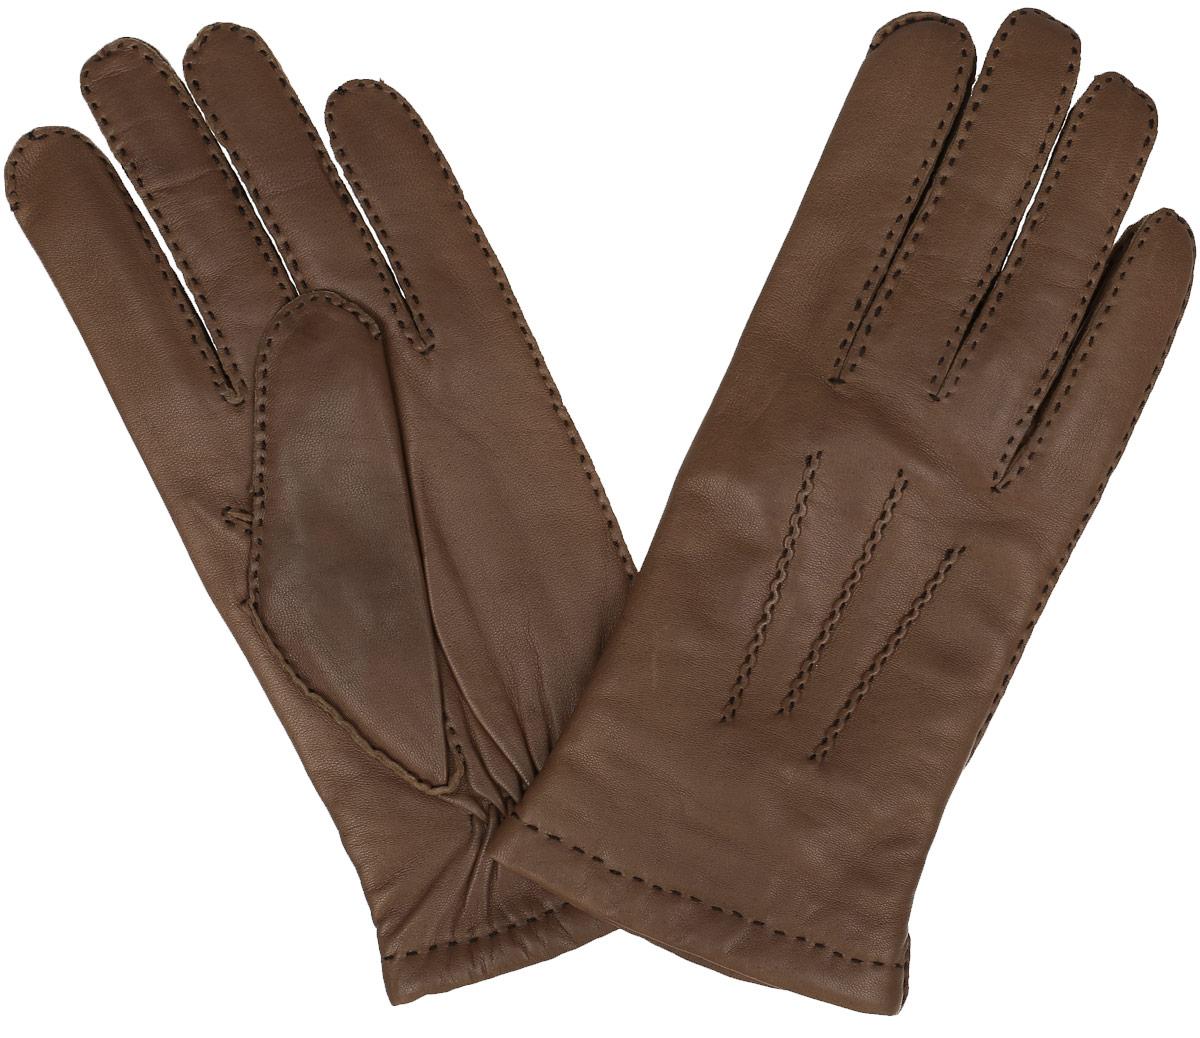 Перчатки мужские. 100_BERLIN100_BERLIN/GR//11Мужские перчатки Dali Exclusive не только защитят ваши руки от холода, но и станут стильным аксессуаром. Перчатки выполнены из мягкой и приятной на ощупь натуральной кожи ягненка, подкладка - из 100% шерсти. Манжеты с тыльной стороны присборены на резинку для лучшего прилегания к запястью. Оформлено изделие декоративными швами. Перчатки станут завершающим и подчеркивающим элементом вашего неповторимого стиля и индивидуальности.